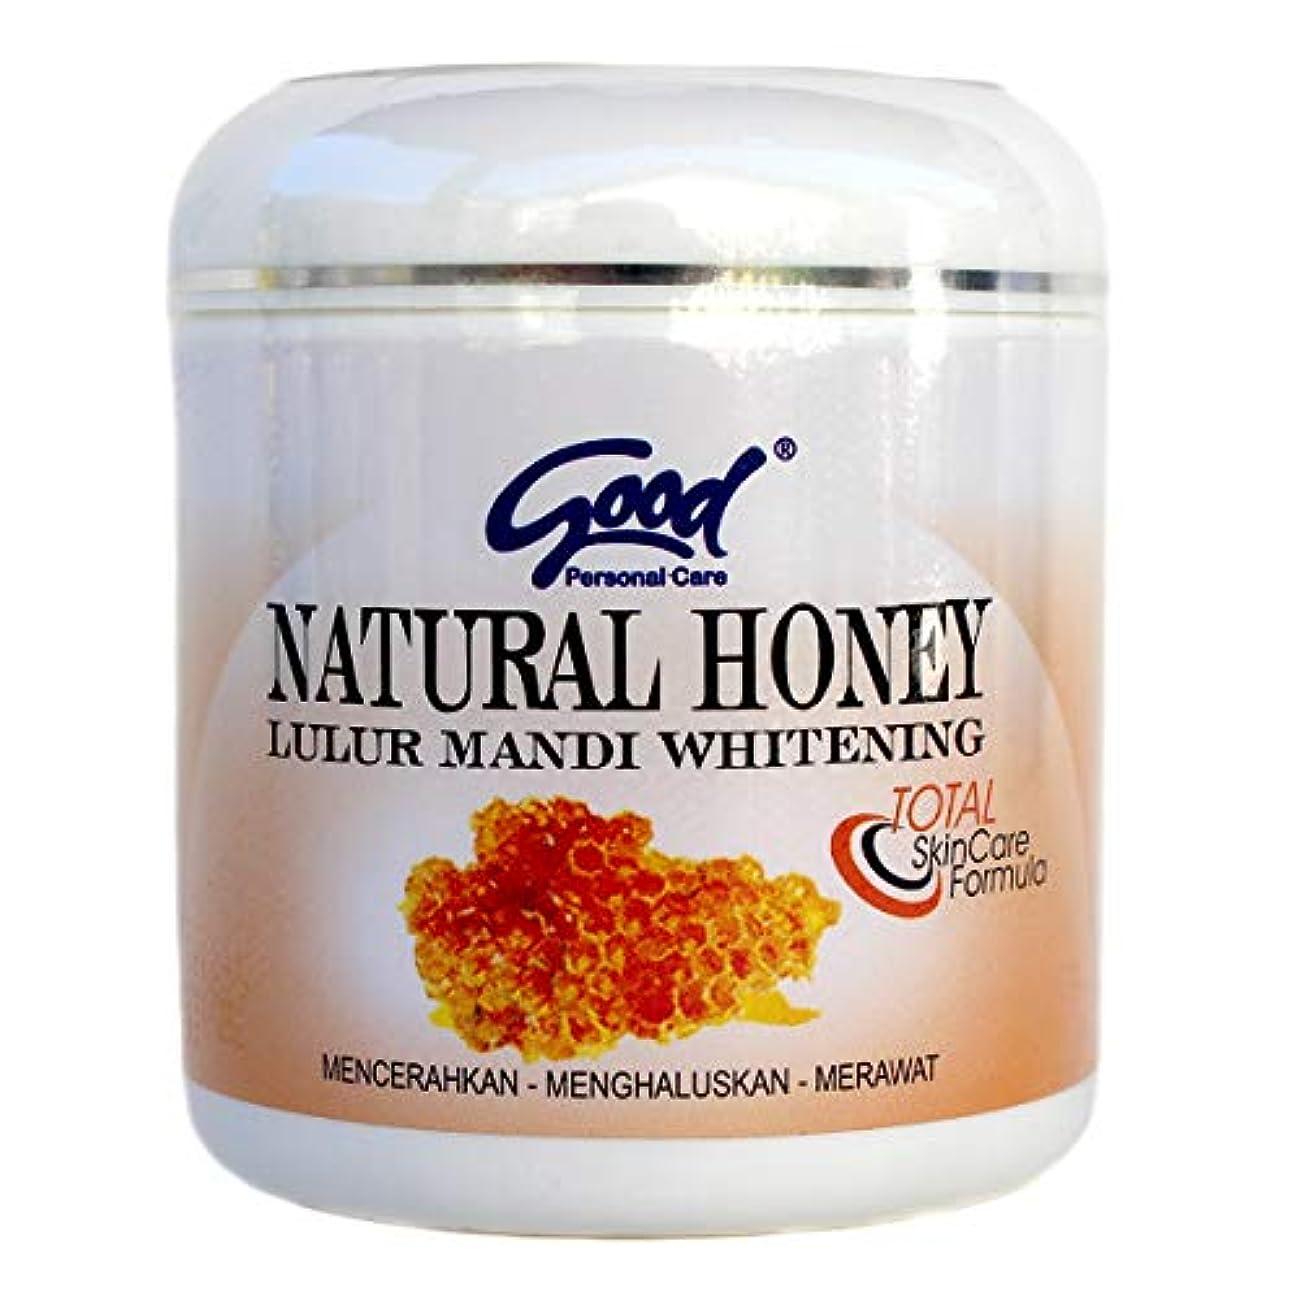 背が高い南ビジネスgood グッド インドネシアバリ島の伝統的なボディスクラブ Lulur Mandi マンディルルール 200g Natural Honey ナチュラルハニー [海外直送品]